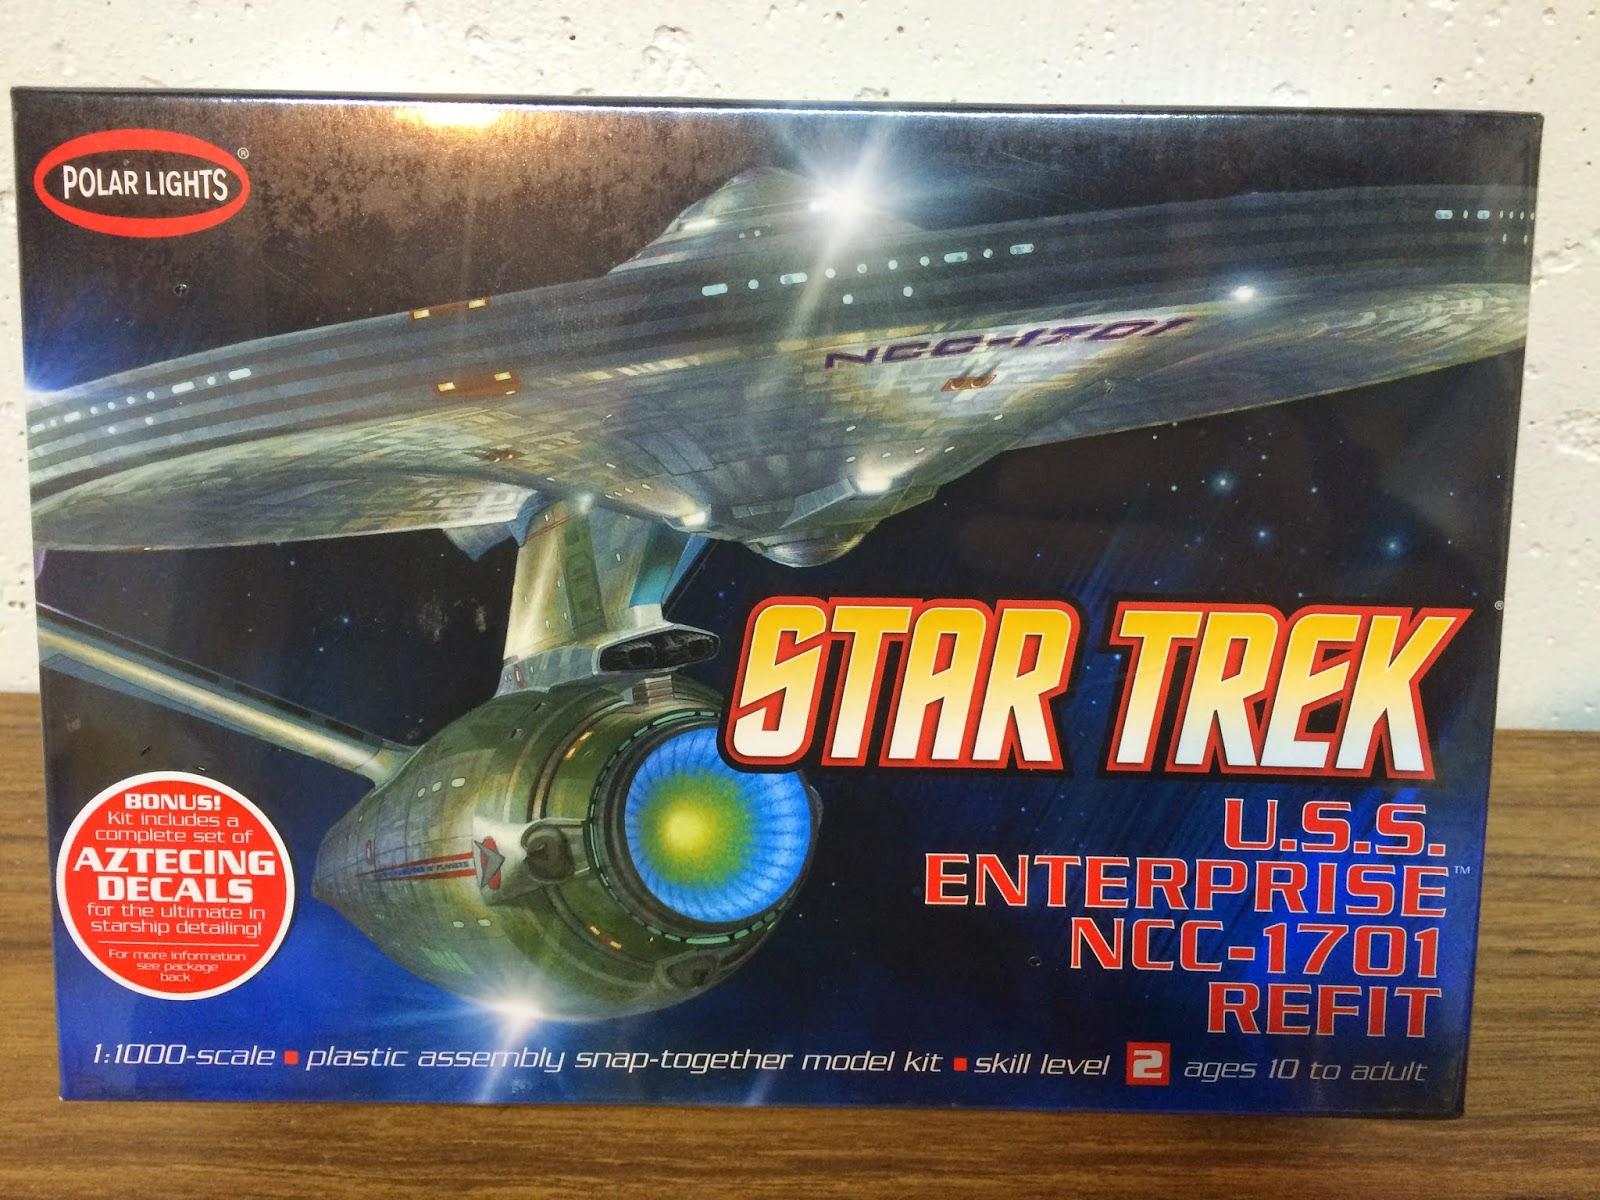 Star trek uss enterprise ncc refit 1 scale model - Uss Enterprise Ncc 1701 A